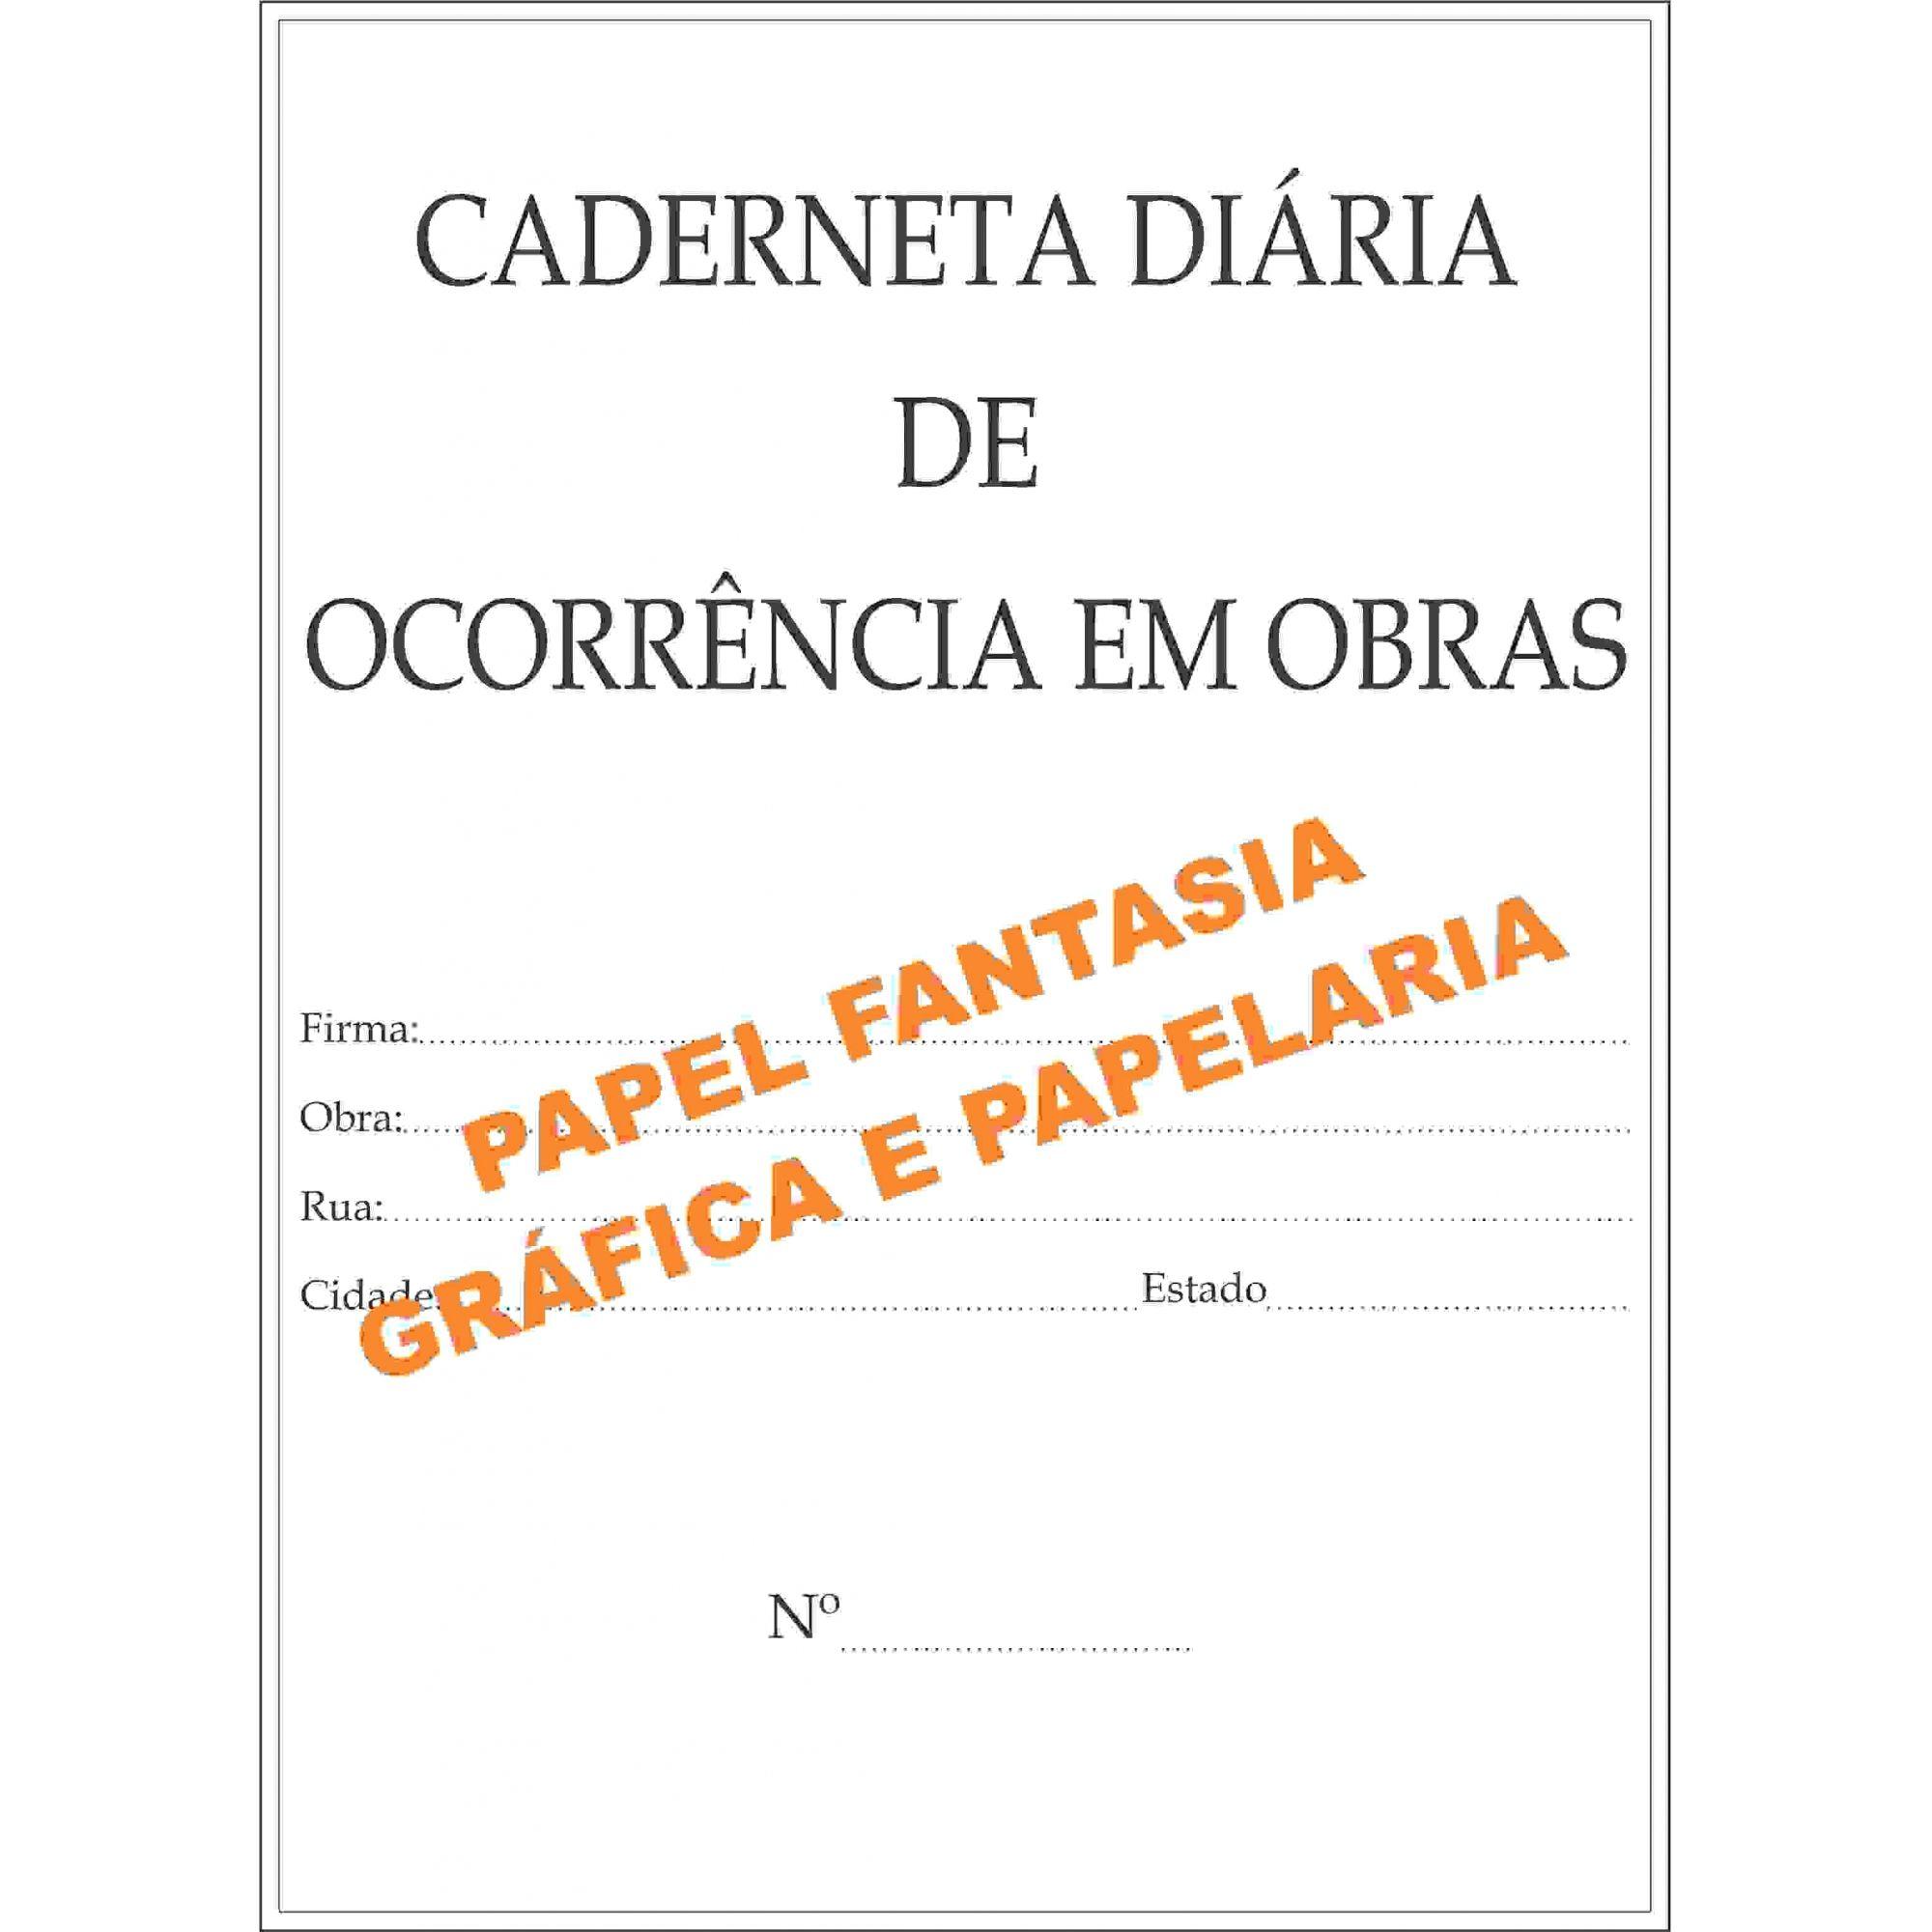 caderneta diario de obras 50 x 4